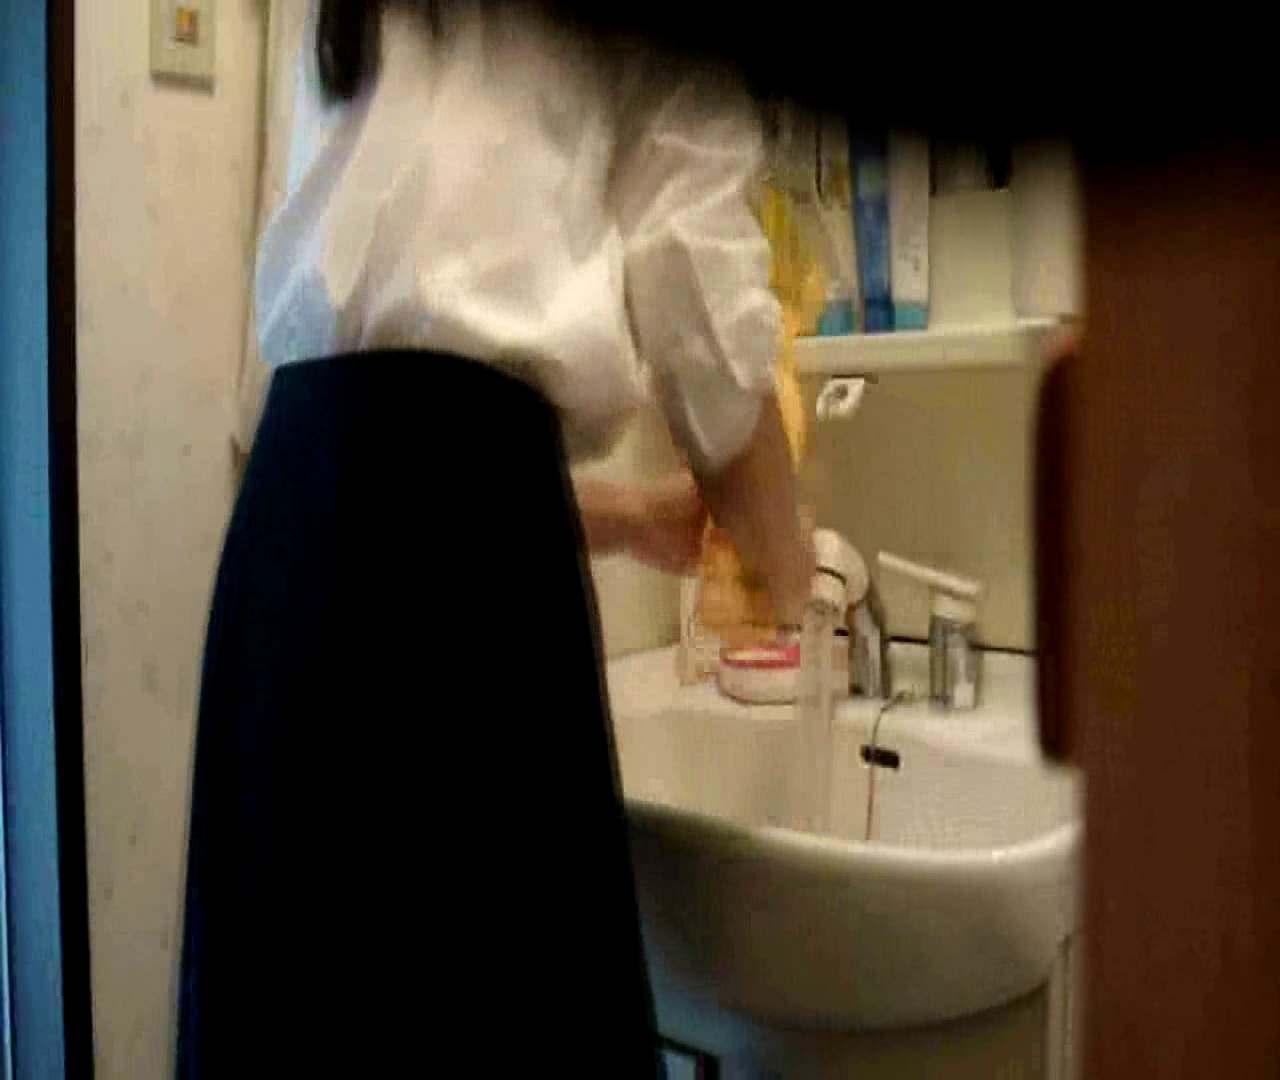 二人とも育てた甲斐がありました… vol.05 まどかが洗顔後にブラを洗濯 盗撮シリーズ | おまんこ見放題  79PIX 53